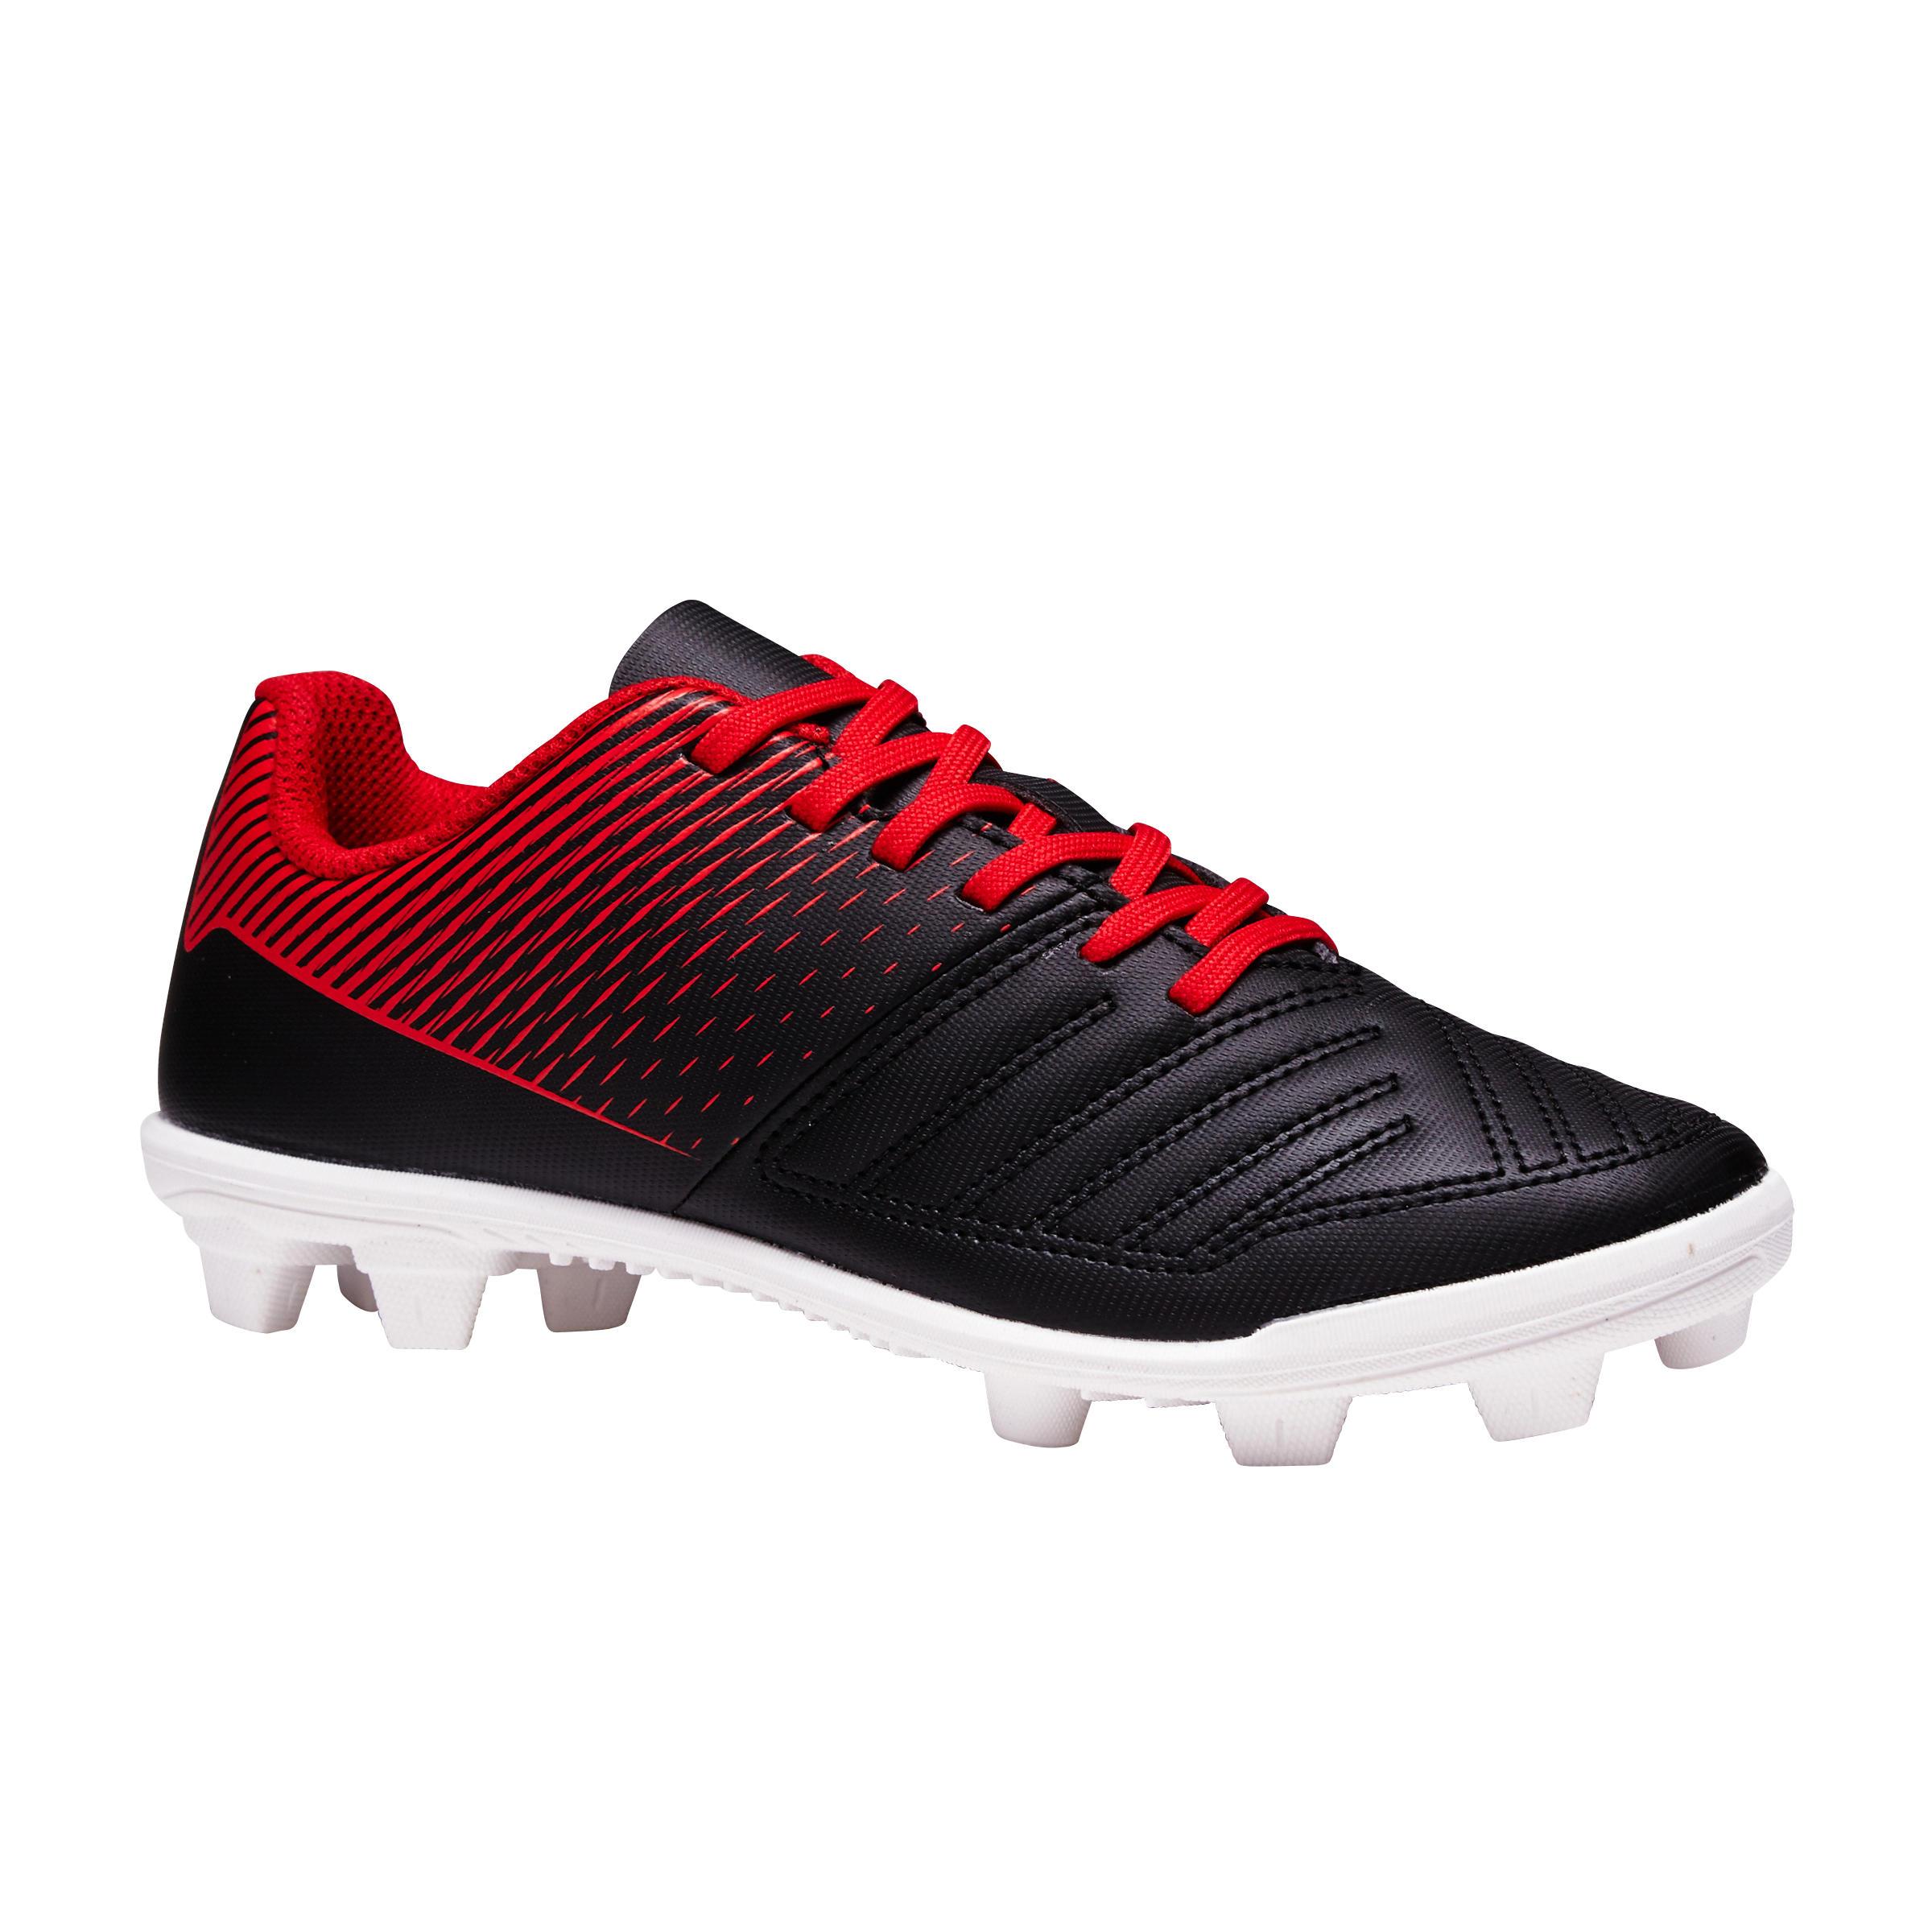 soldes chaussures pour pas cher Achat/Vente Chaussures de Football pas cher: Kipsta, Nike, Adidas, Puma ...